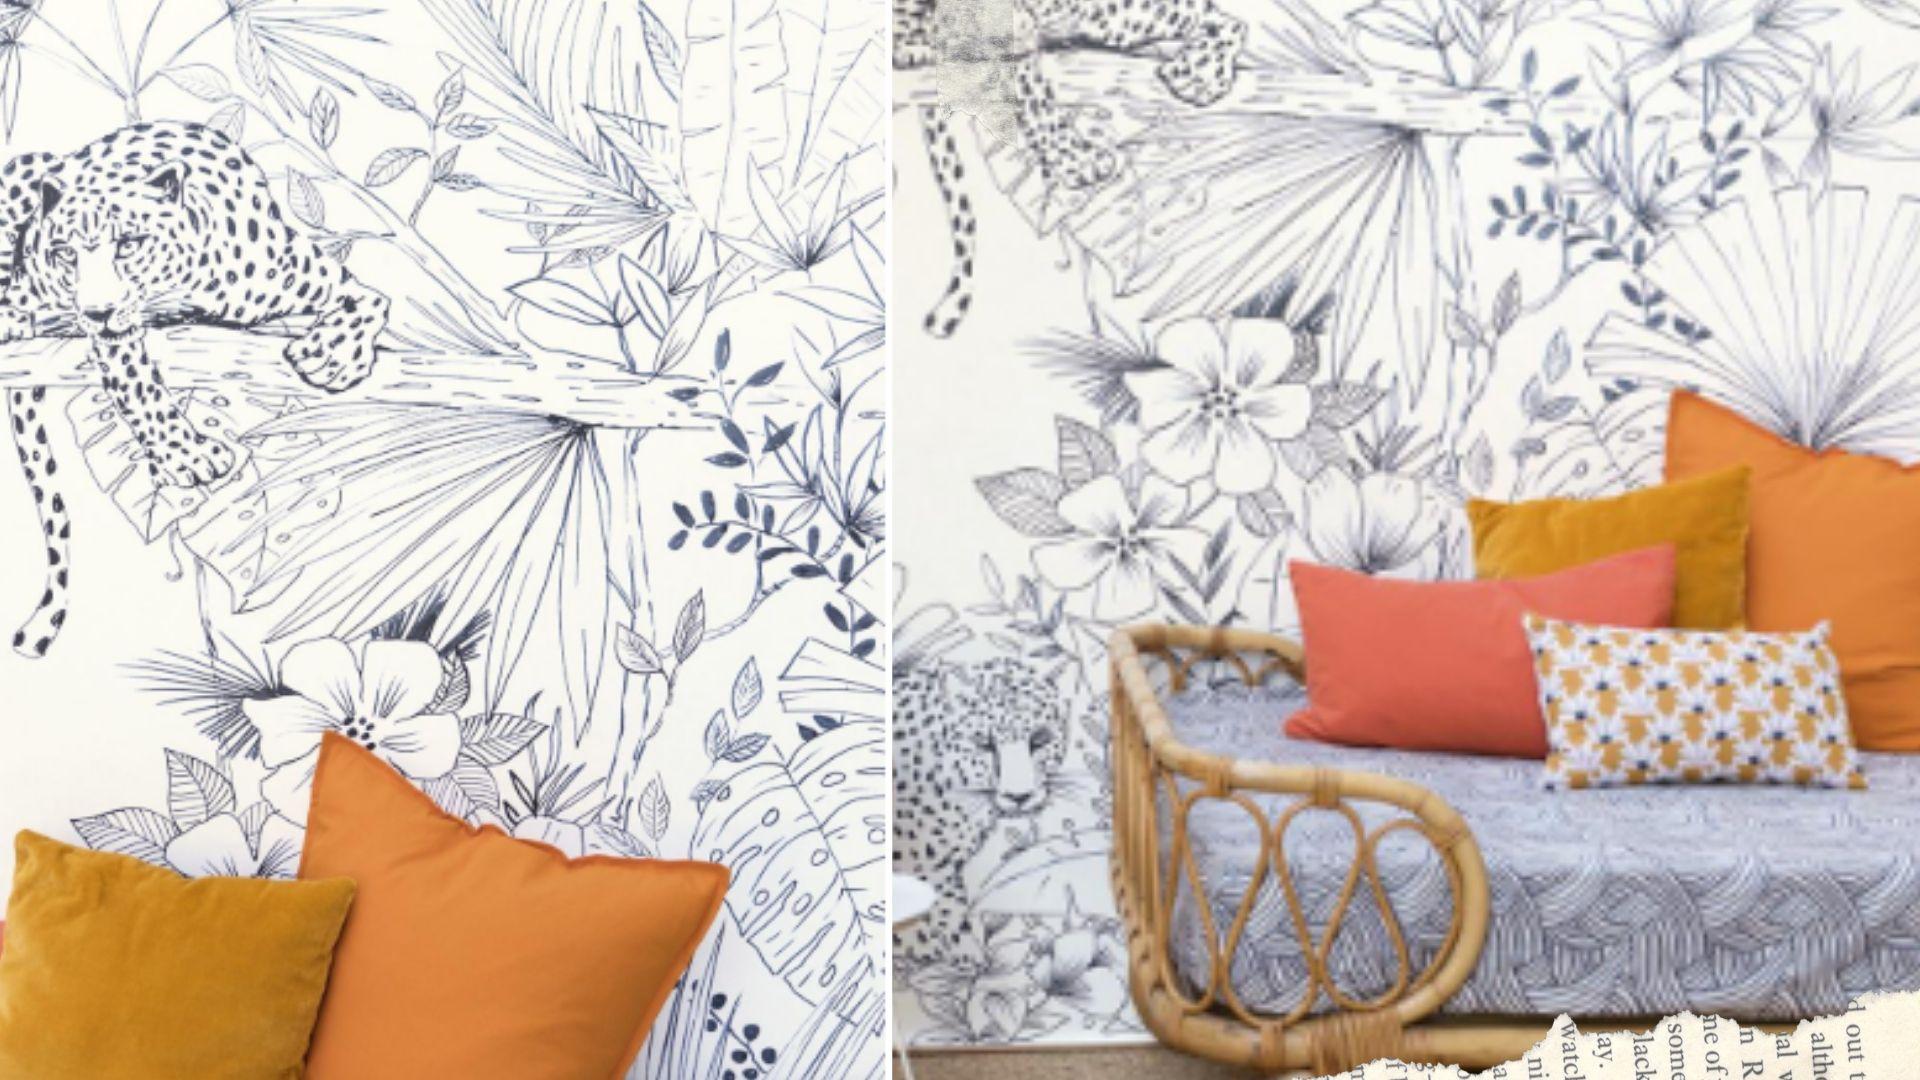 Tendances de papier peint 2021: les idées, impressions et motifs les plus populaires